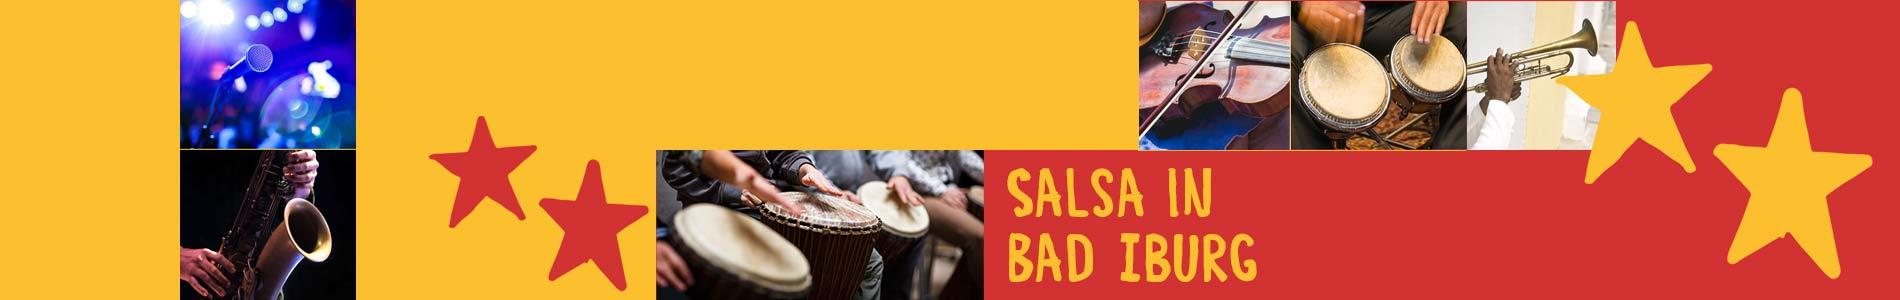 Salsa in Bad Iburg – Salsa lernen und tanzen, Tanzkurse, Partys, Veranstaltungen